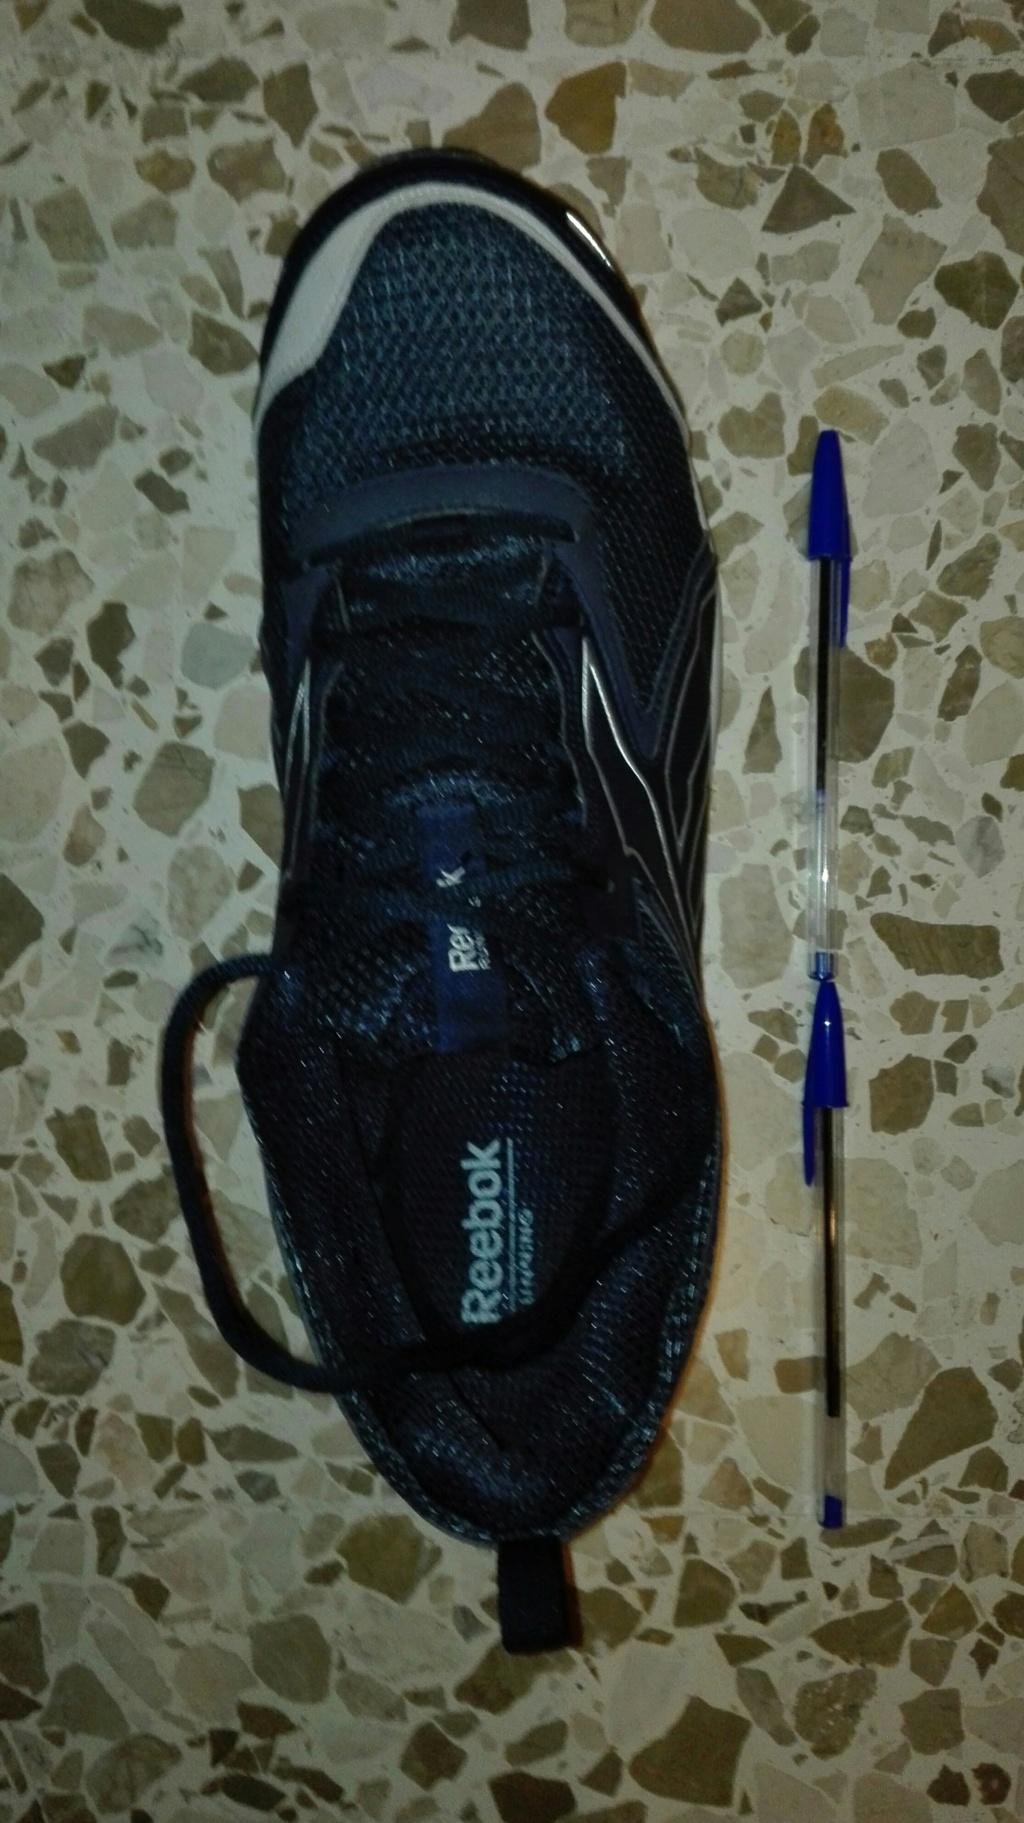 ¿Qué número de pie calzas? - Página 15 Img_2010